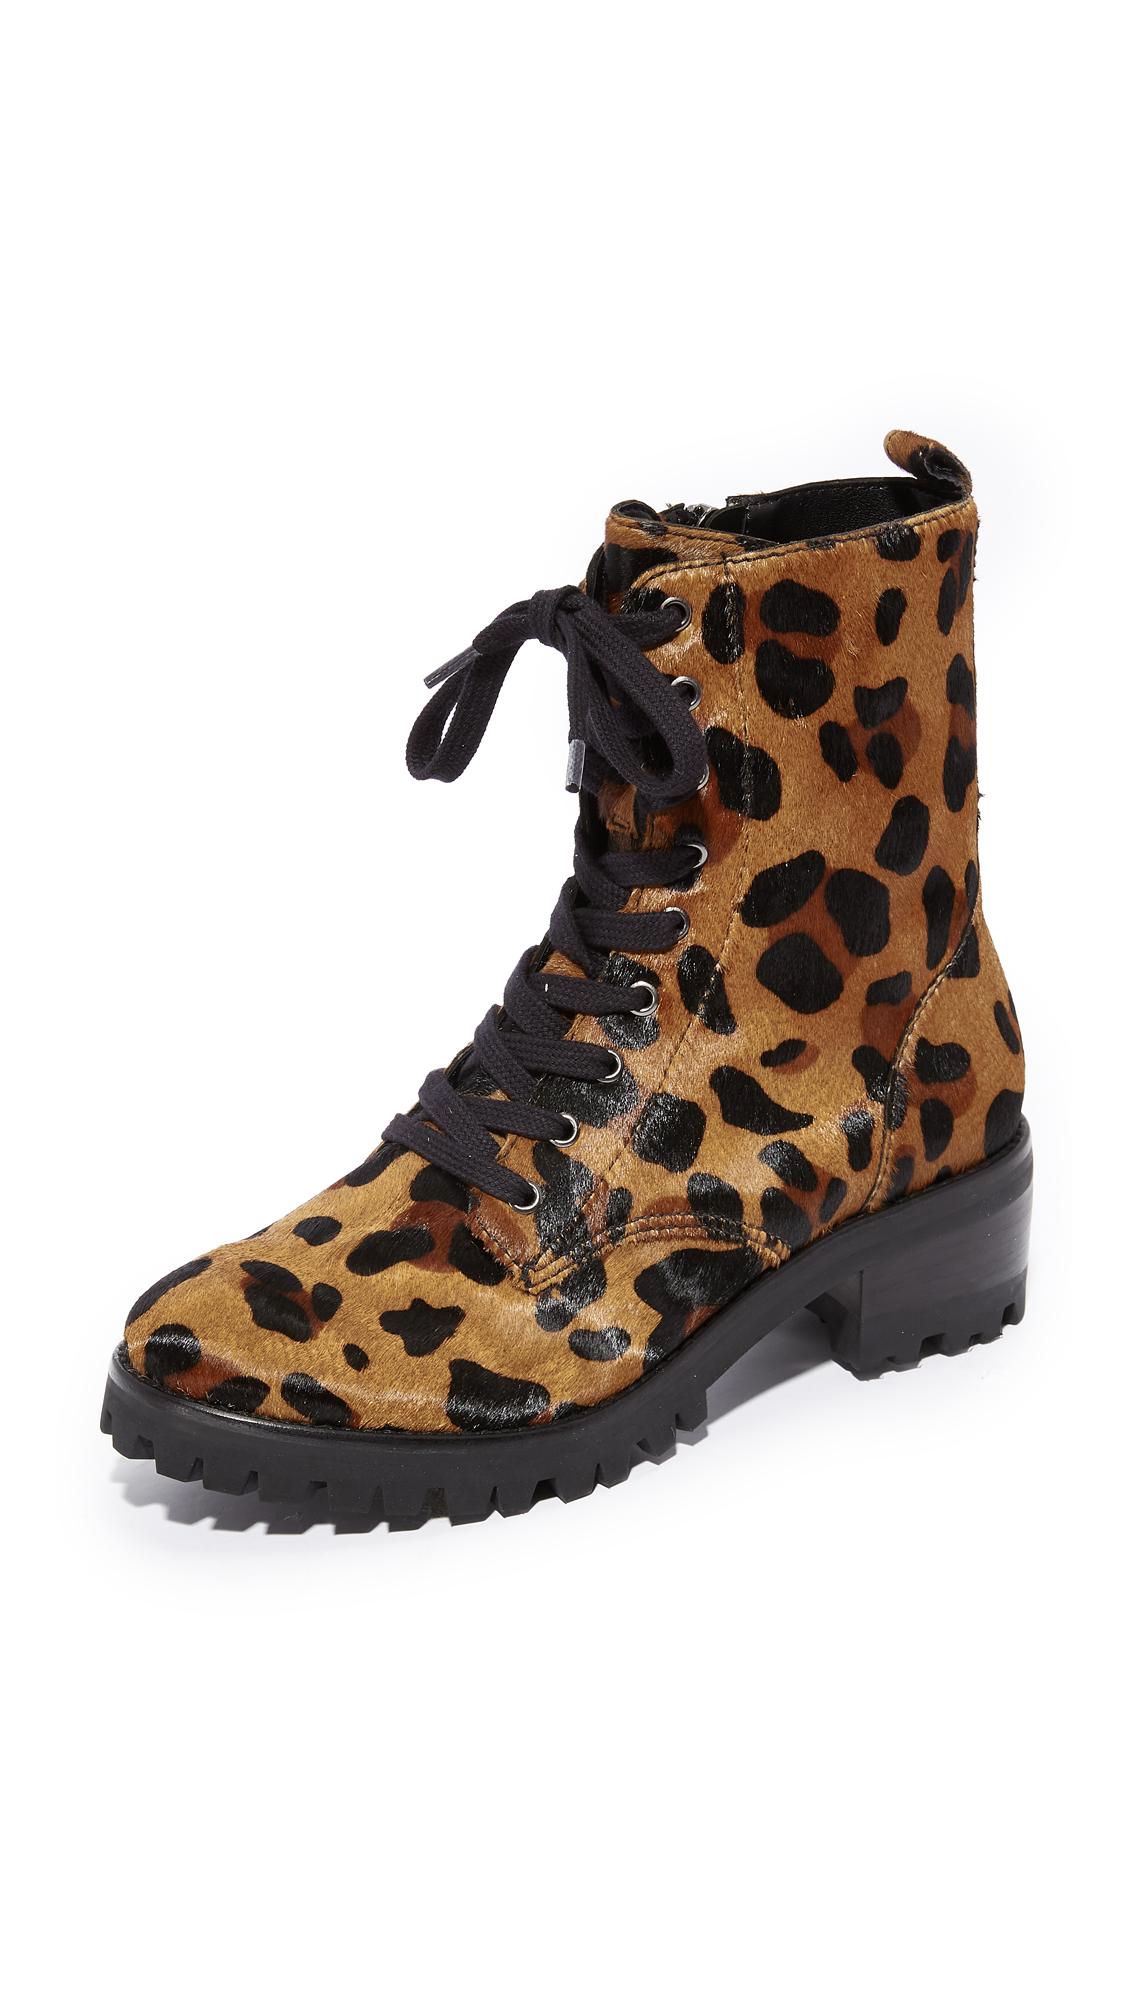 Schutz Zumira Lace Up Combat Boots - Leopard